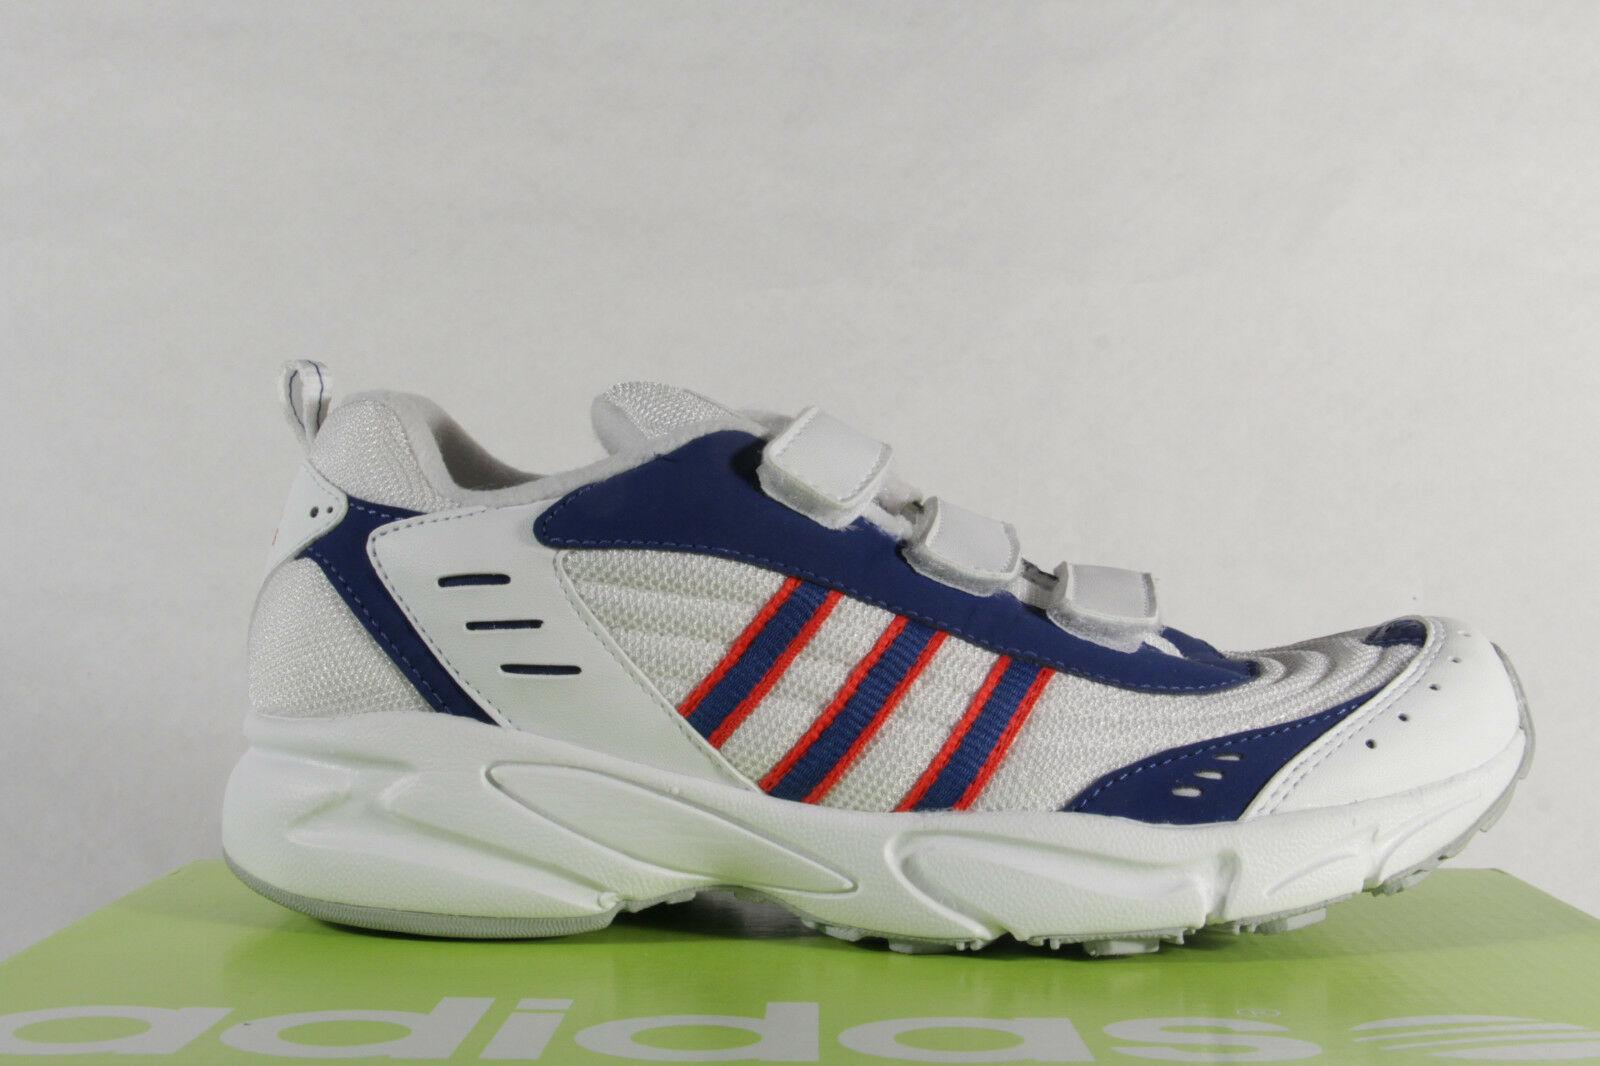 Adidas Surfin Turnschuh Turnschuh Turnschuh Laufschuh Sportschuh NEU 6e8cb3